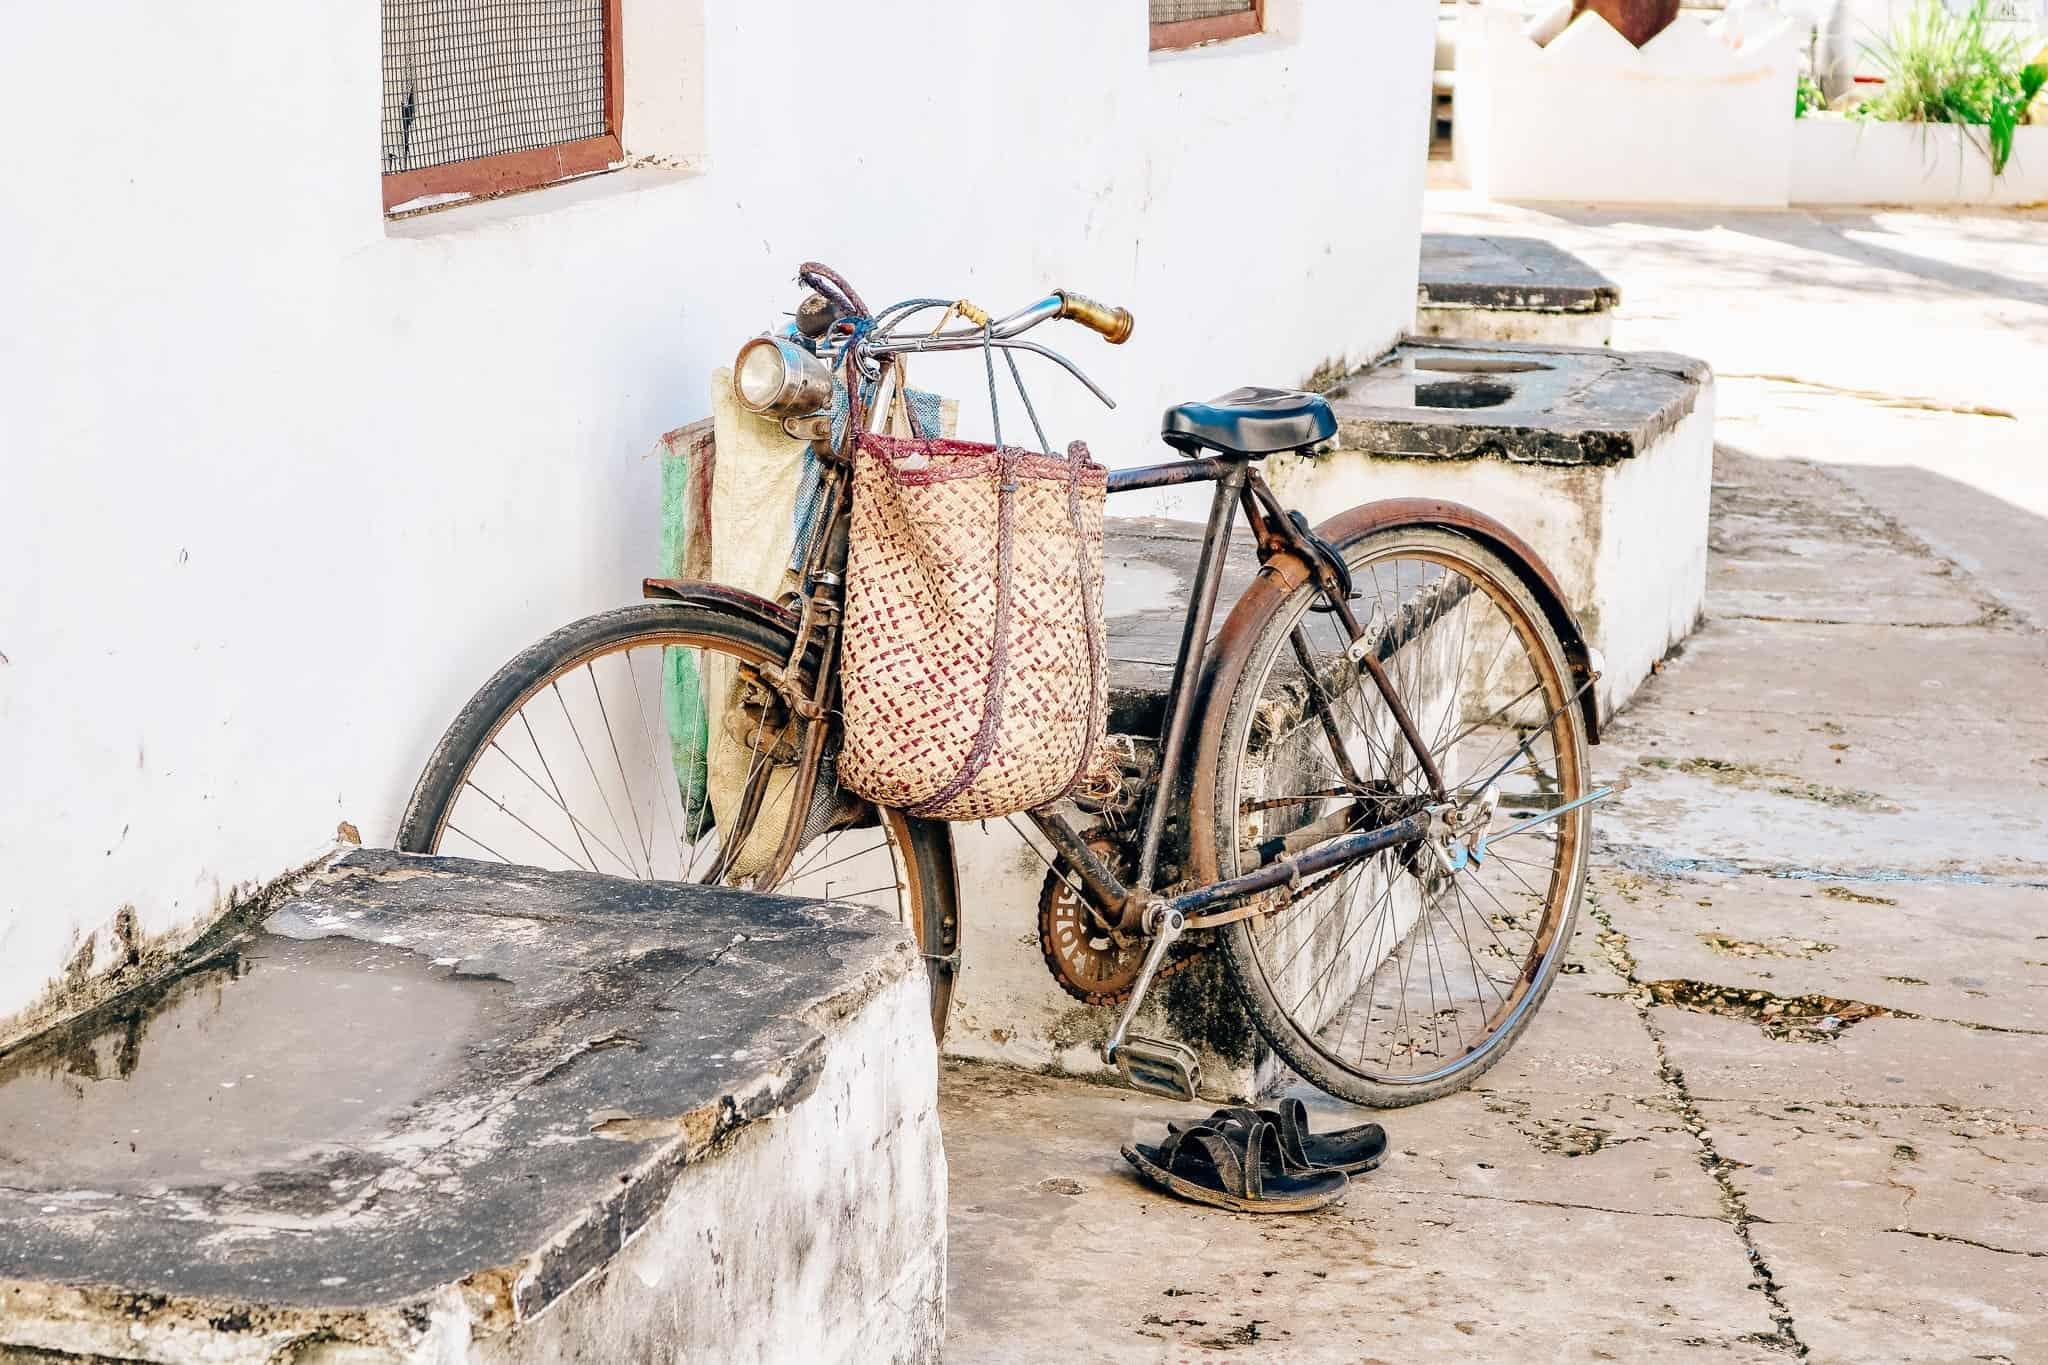 Visions of Zanzibar